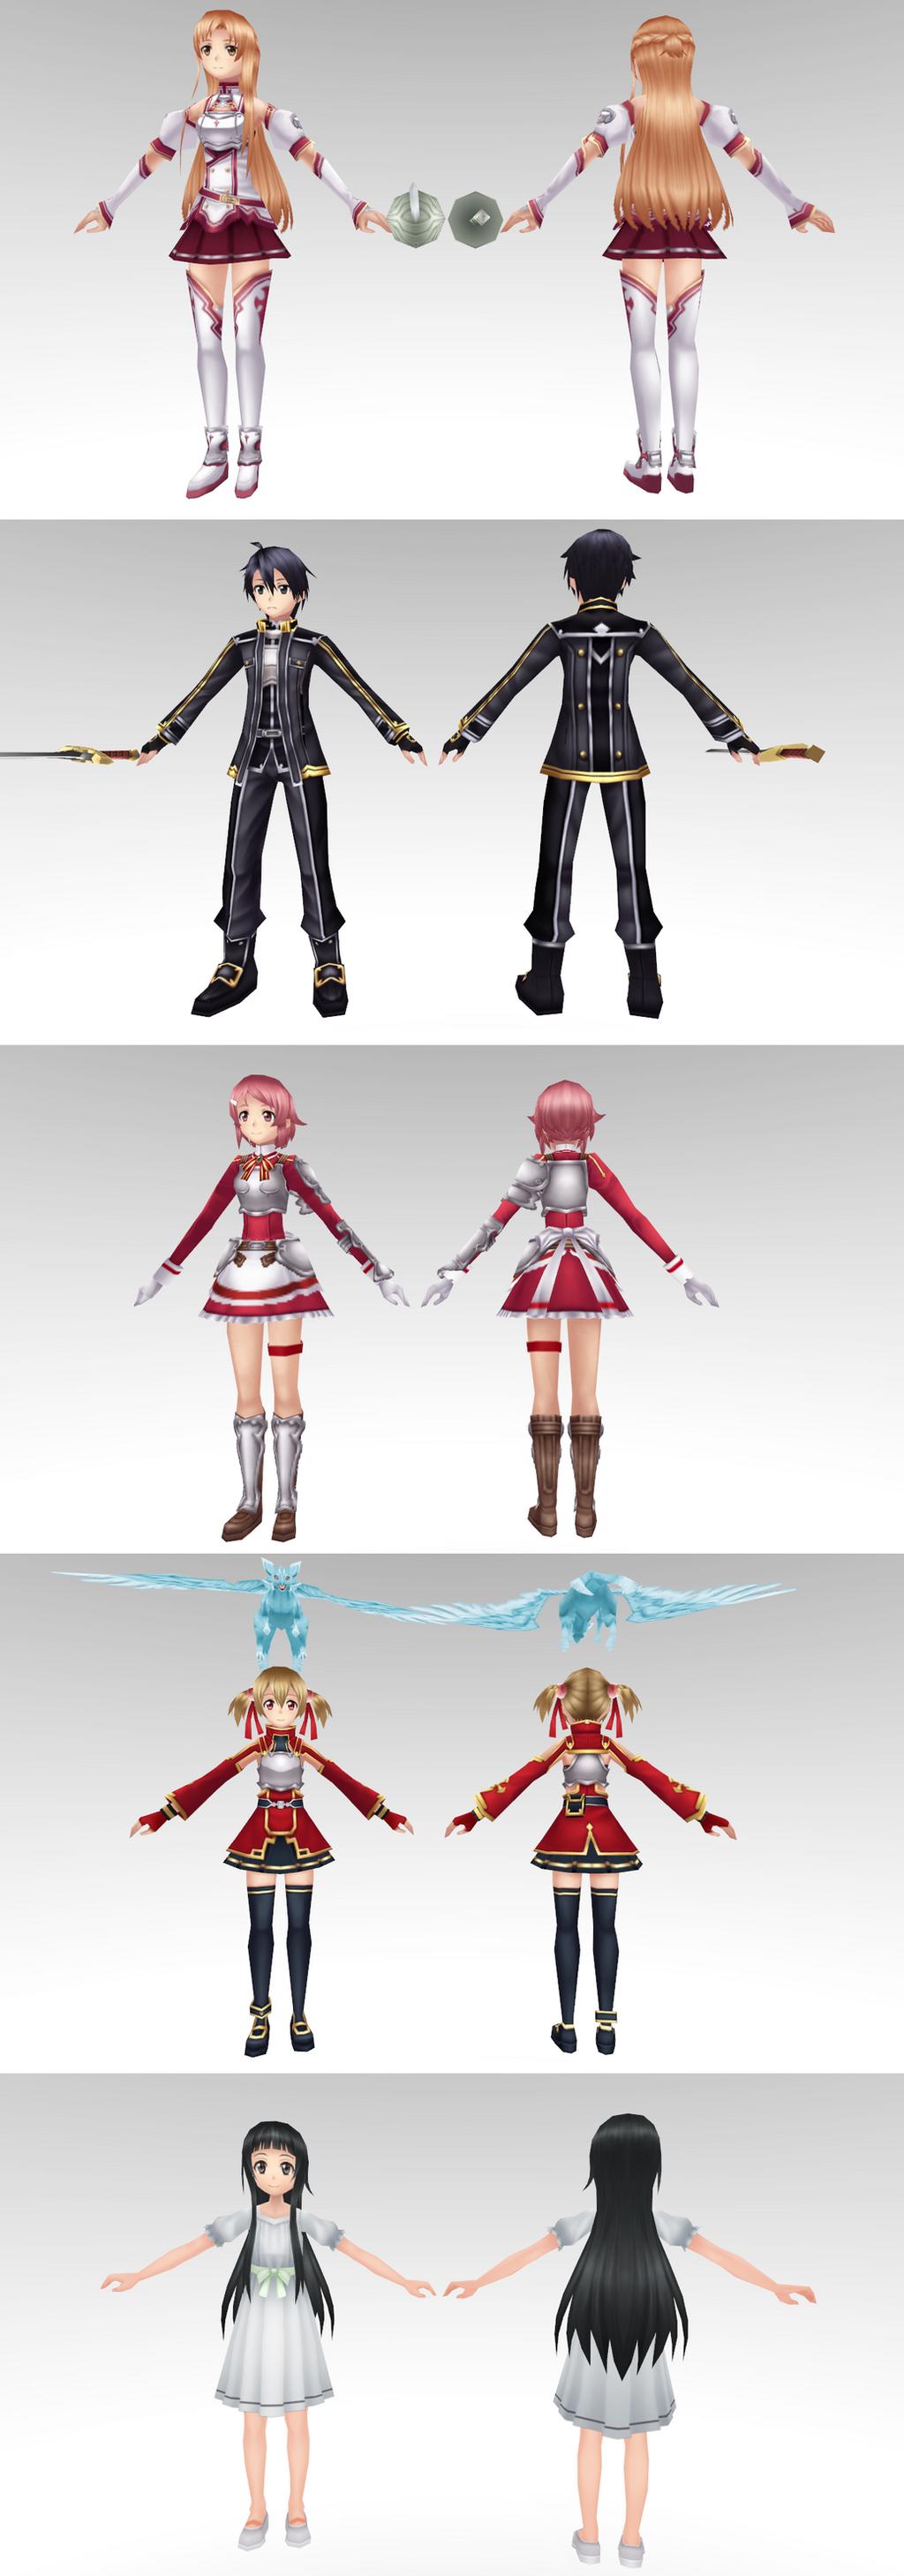 Sword Art Online Model Pack 1 By Chocokobato On Deviantart